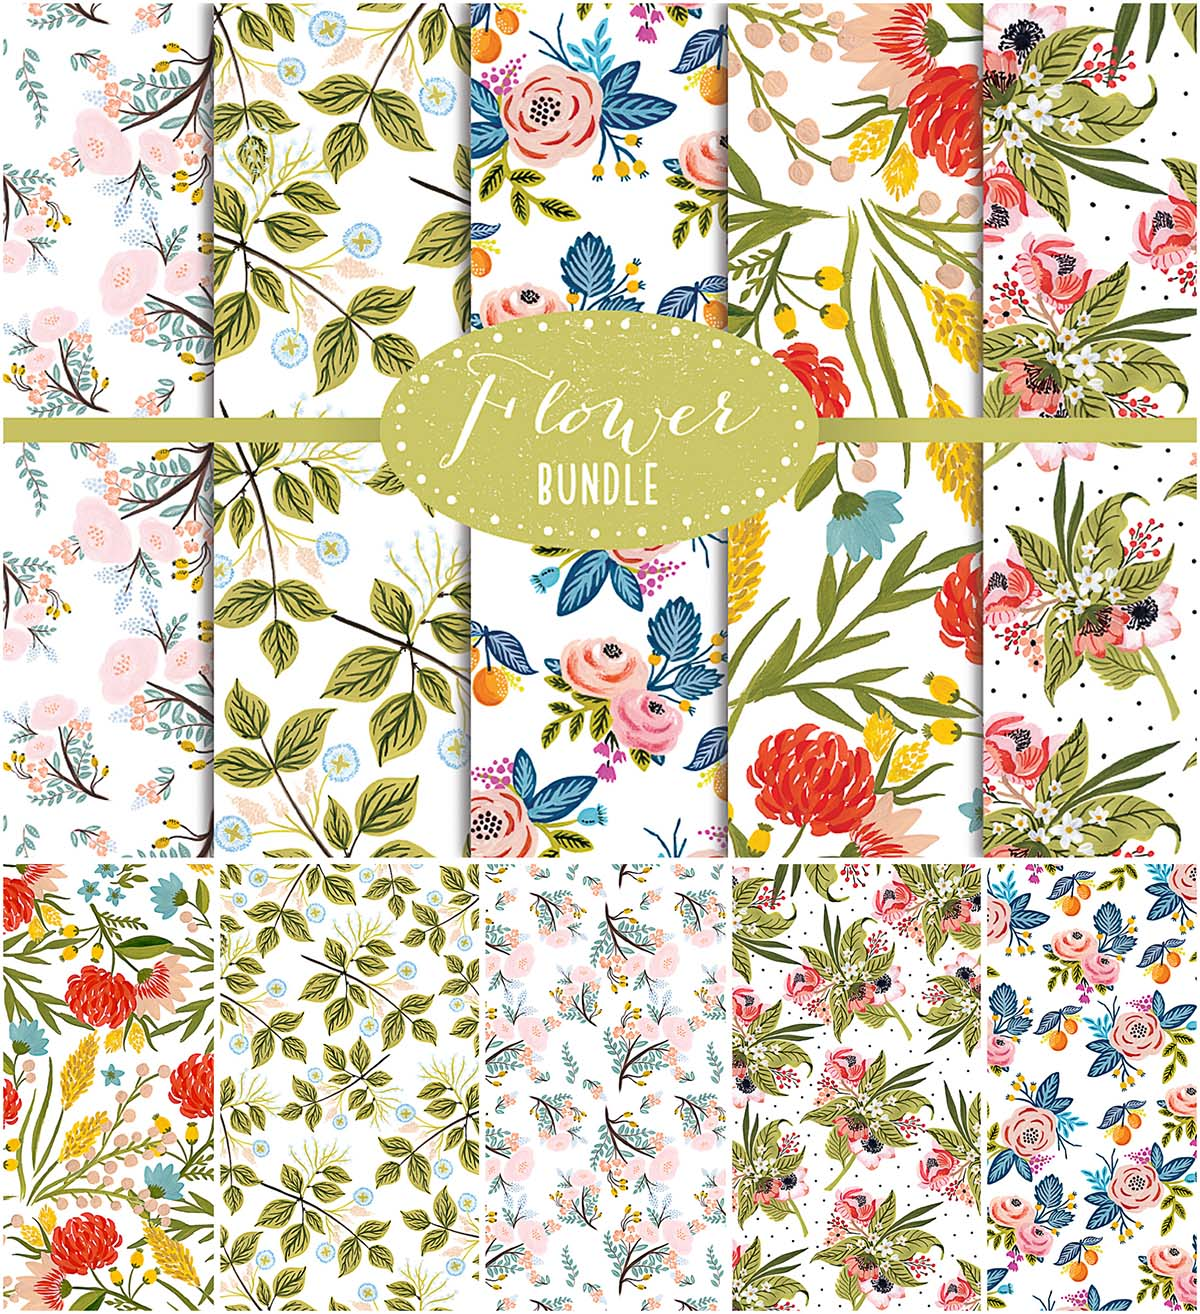 Floral digital papers set